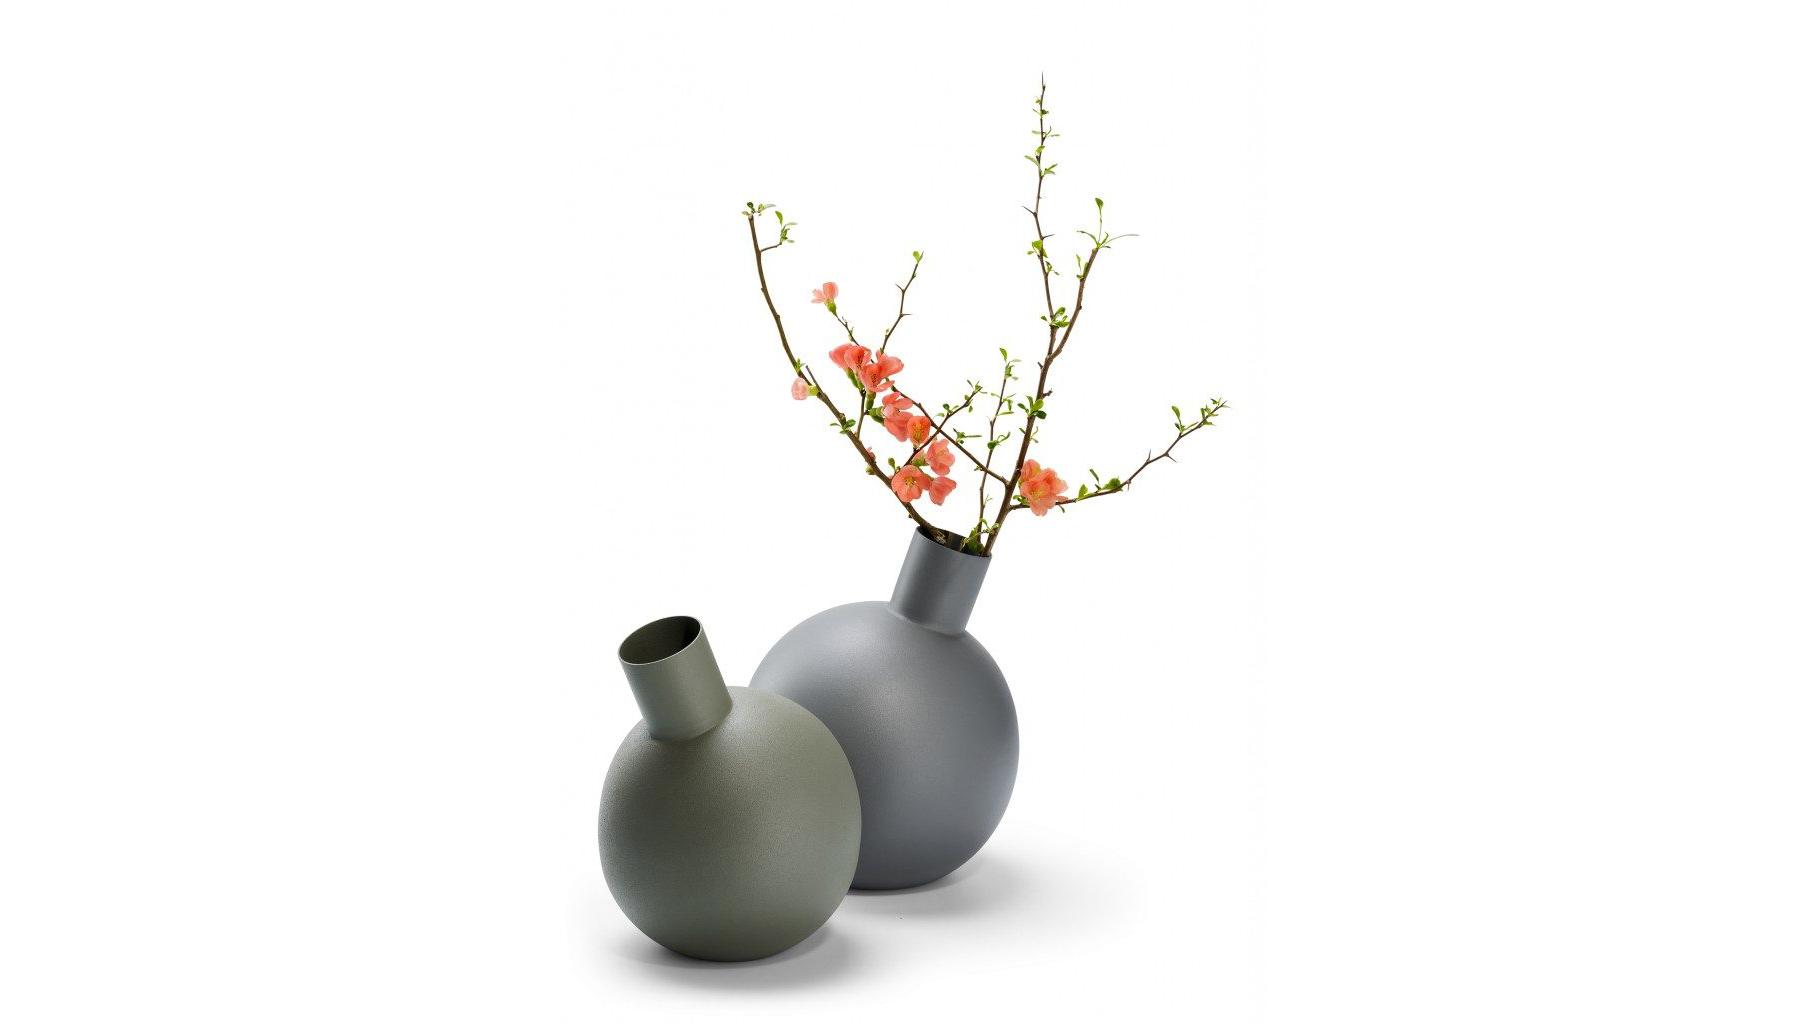 Dieses Bild zeigt eine Vase von Phillippi